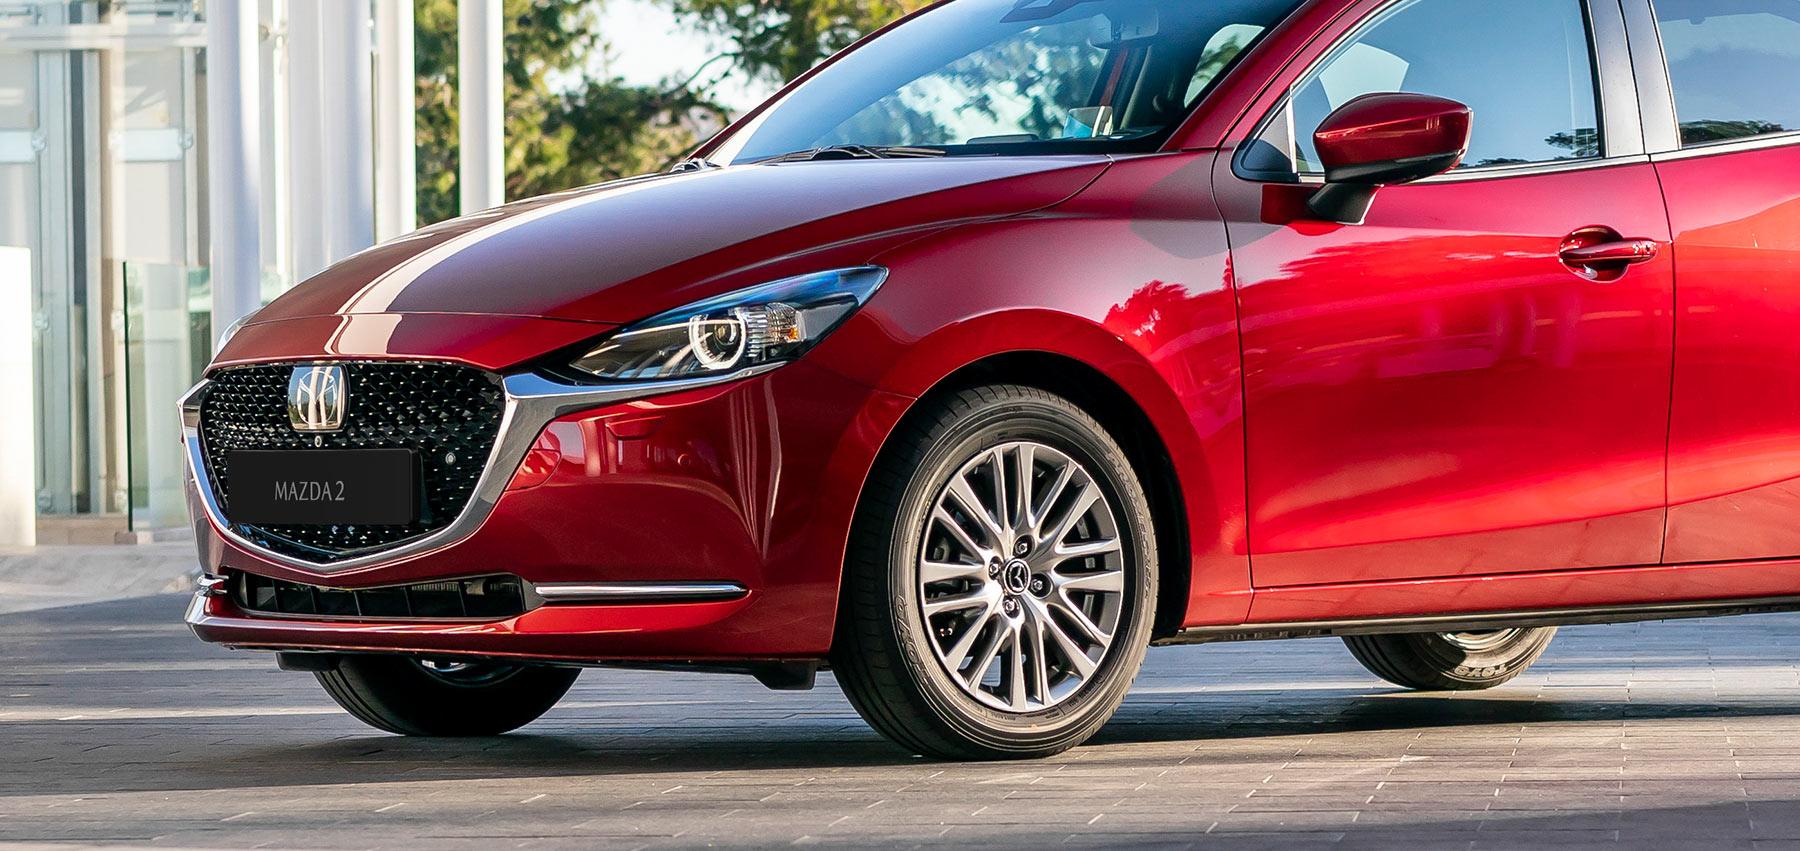 """Il raffinato paraurti anteriore e posteriore e la griglia hanno un look più deciso. Lo stile di Mazda2 è l'espressione del nostro pluripremiato linguaggio di design """"KODO - Soul of Motion – L'anima del movimento""""."""